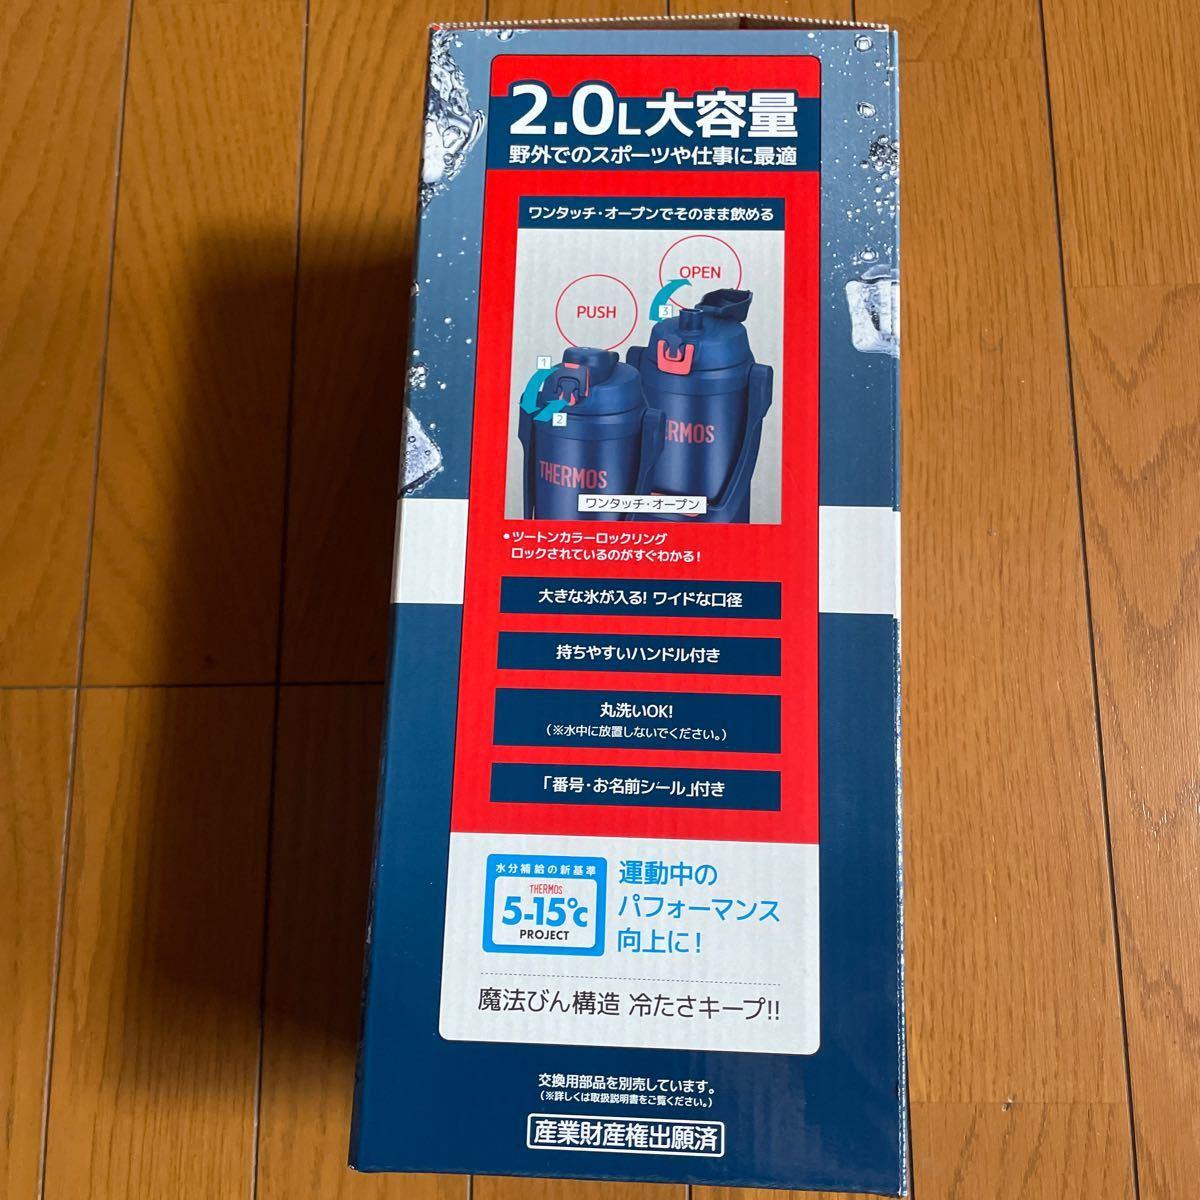 真空断熱スポーツジャグ 2.0L(ネイビーレッド)FFV-2001 NV-R